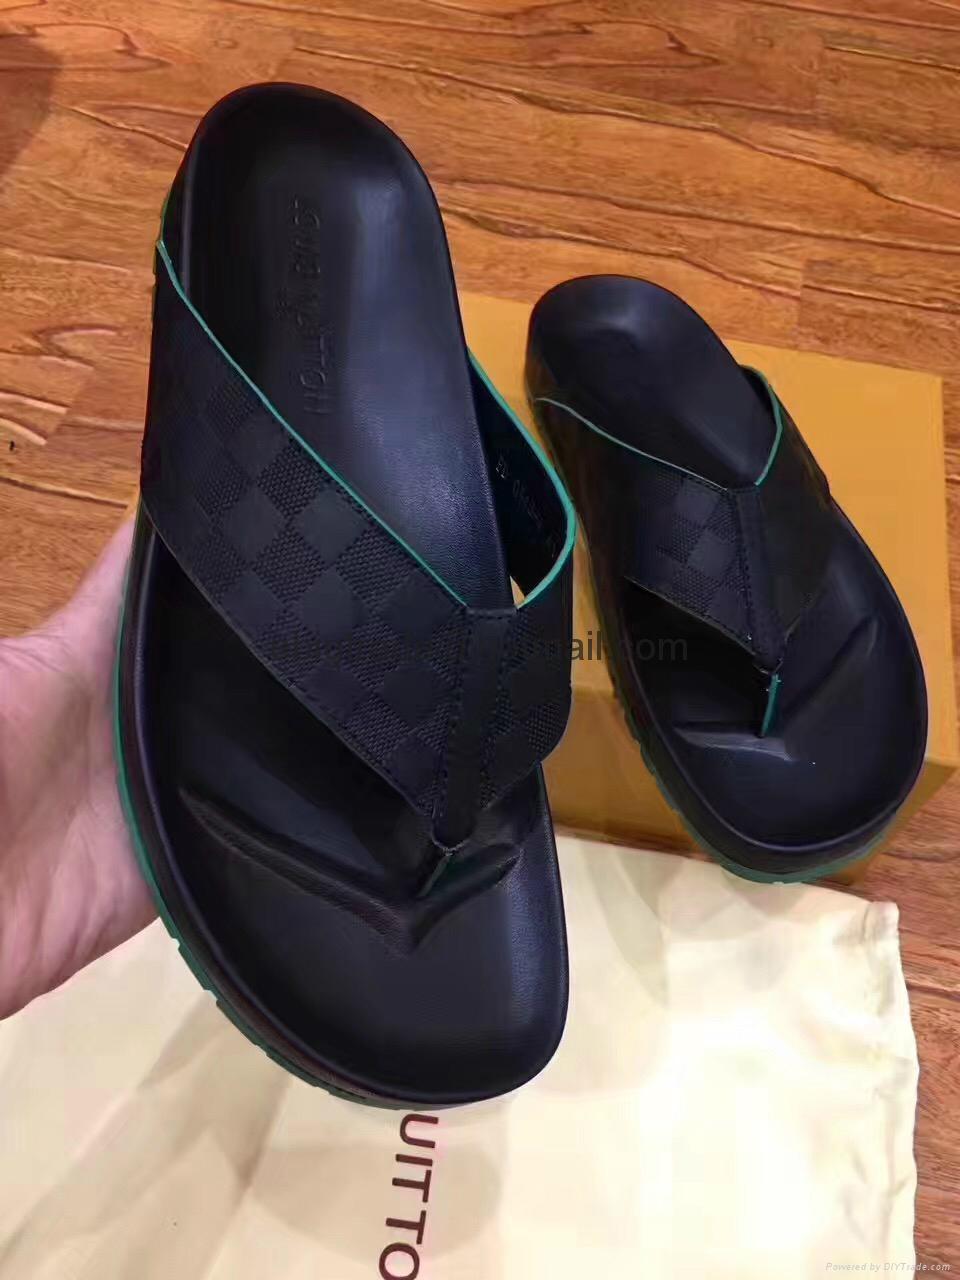 Cheap LOUIS VUITTON men's Sandals LV slippers LV sandals LV FLIP FLOPS ON SALE  6